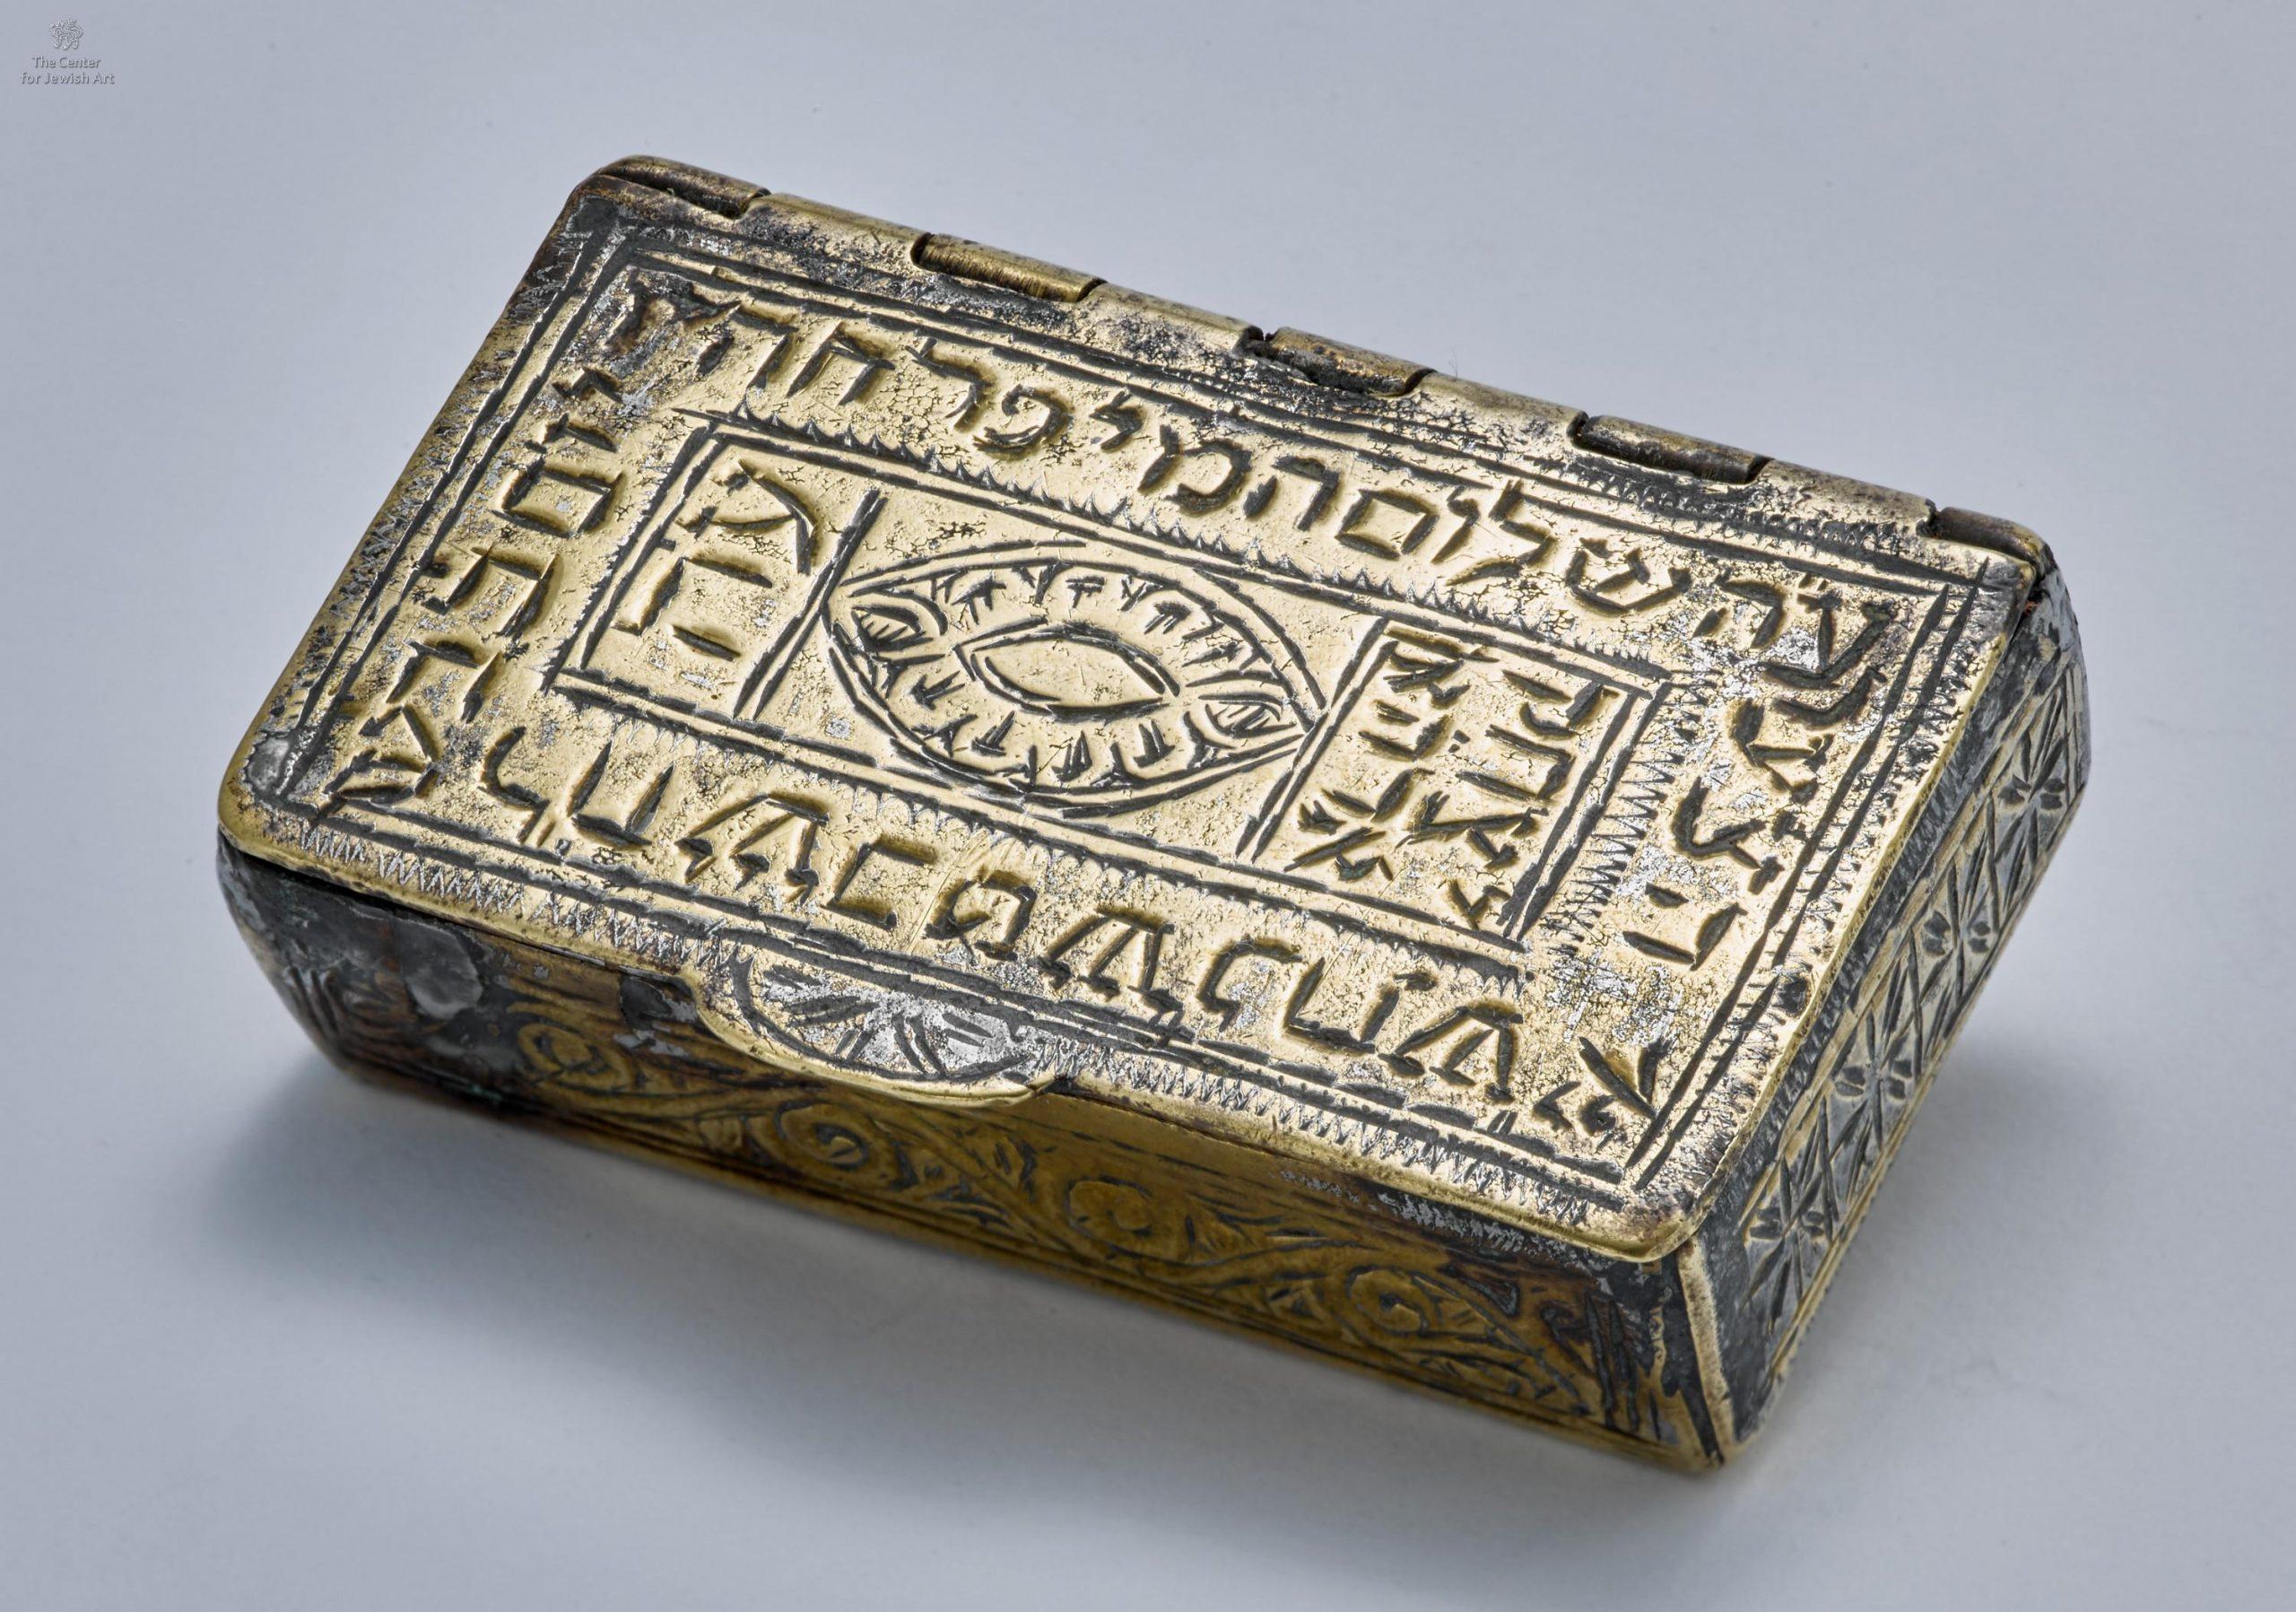 קופסת הרחה מאסואירה,  1951. אוסף משפחת גרוס, תל אביב